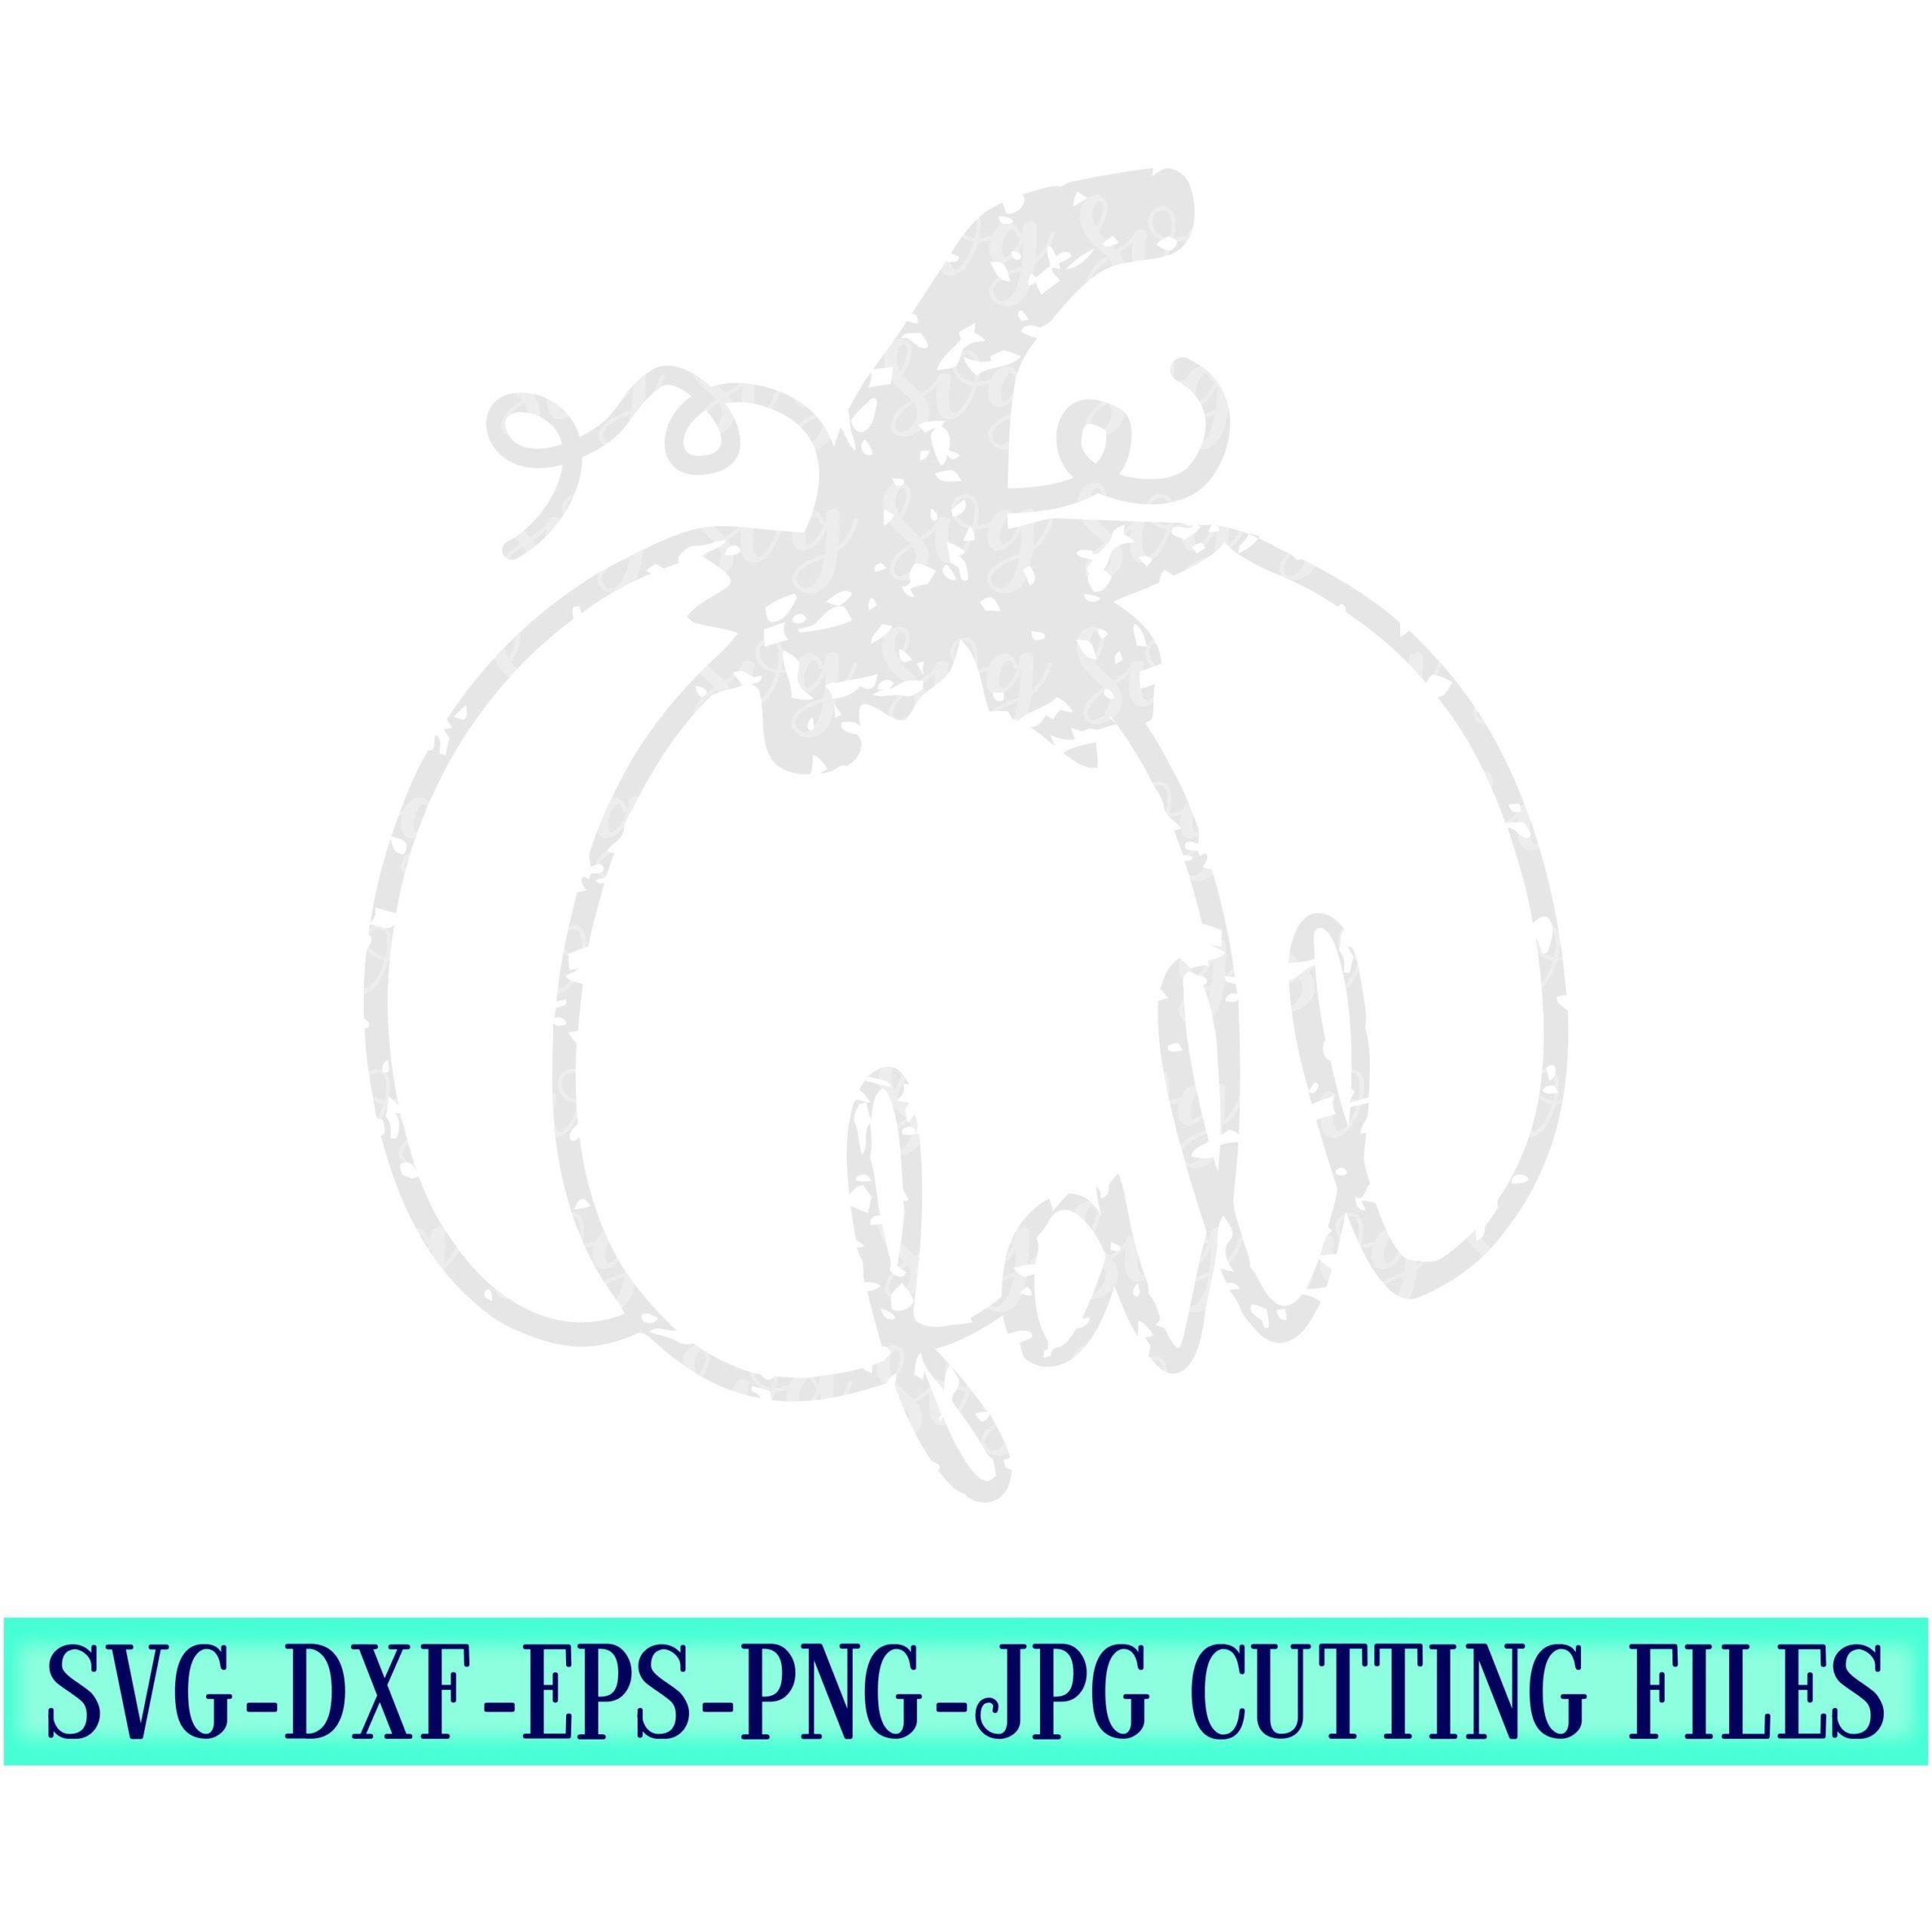 Fall-pumpkin-svg-fall-svg-pumpkin-svg-svg-fall-sayings-tshirt-svgpumpkin-svg-for-cricut-thanksgiving-svg-digital-download-dxf-eps-5f6f7256